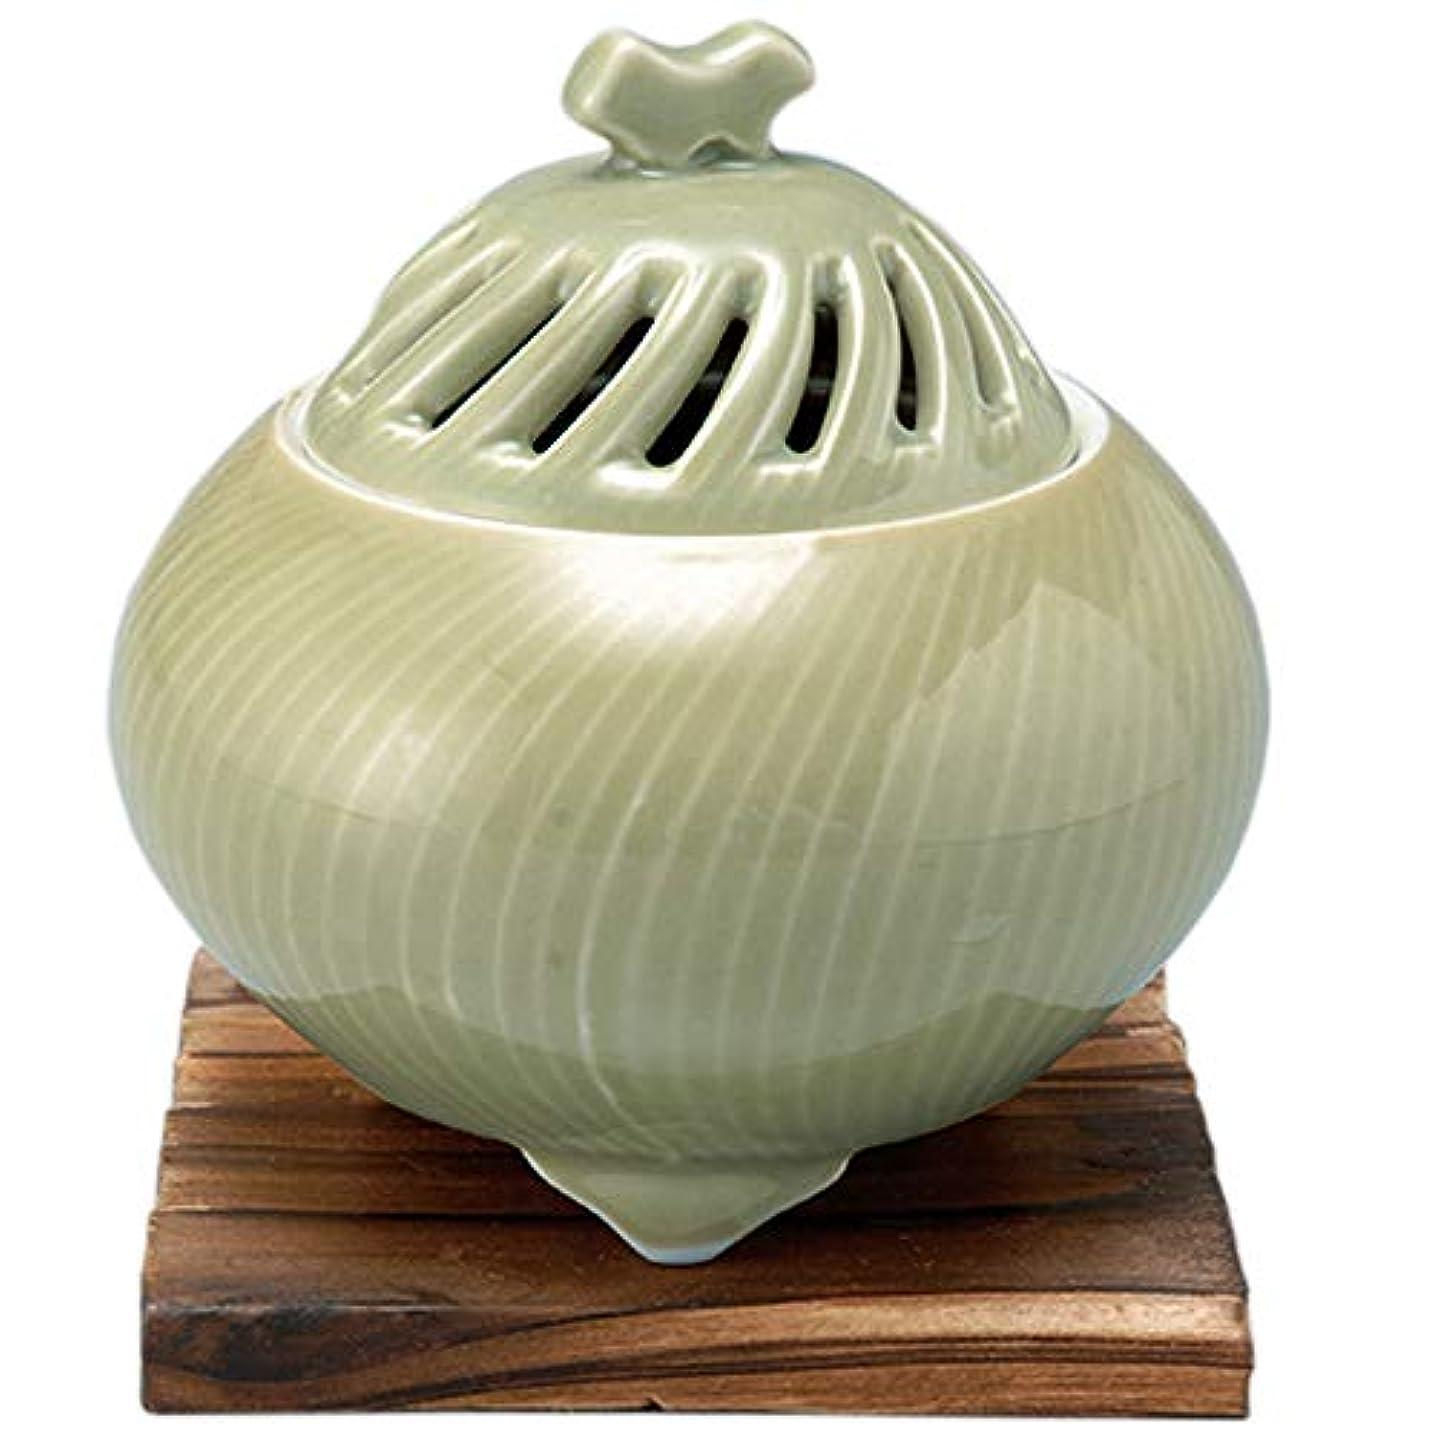 発信払い戻しそれによって香炉 鶯透し 丸型香炉 [R11xH11.3cm] プレゼント ギフト 和食器 かわいい インテリア